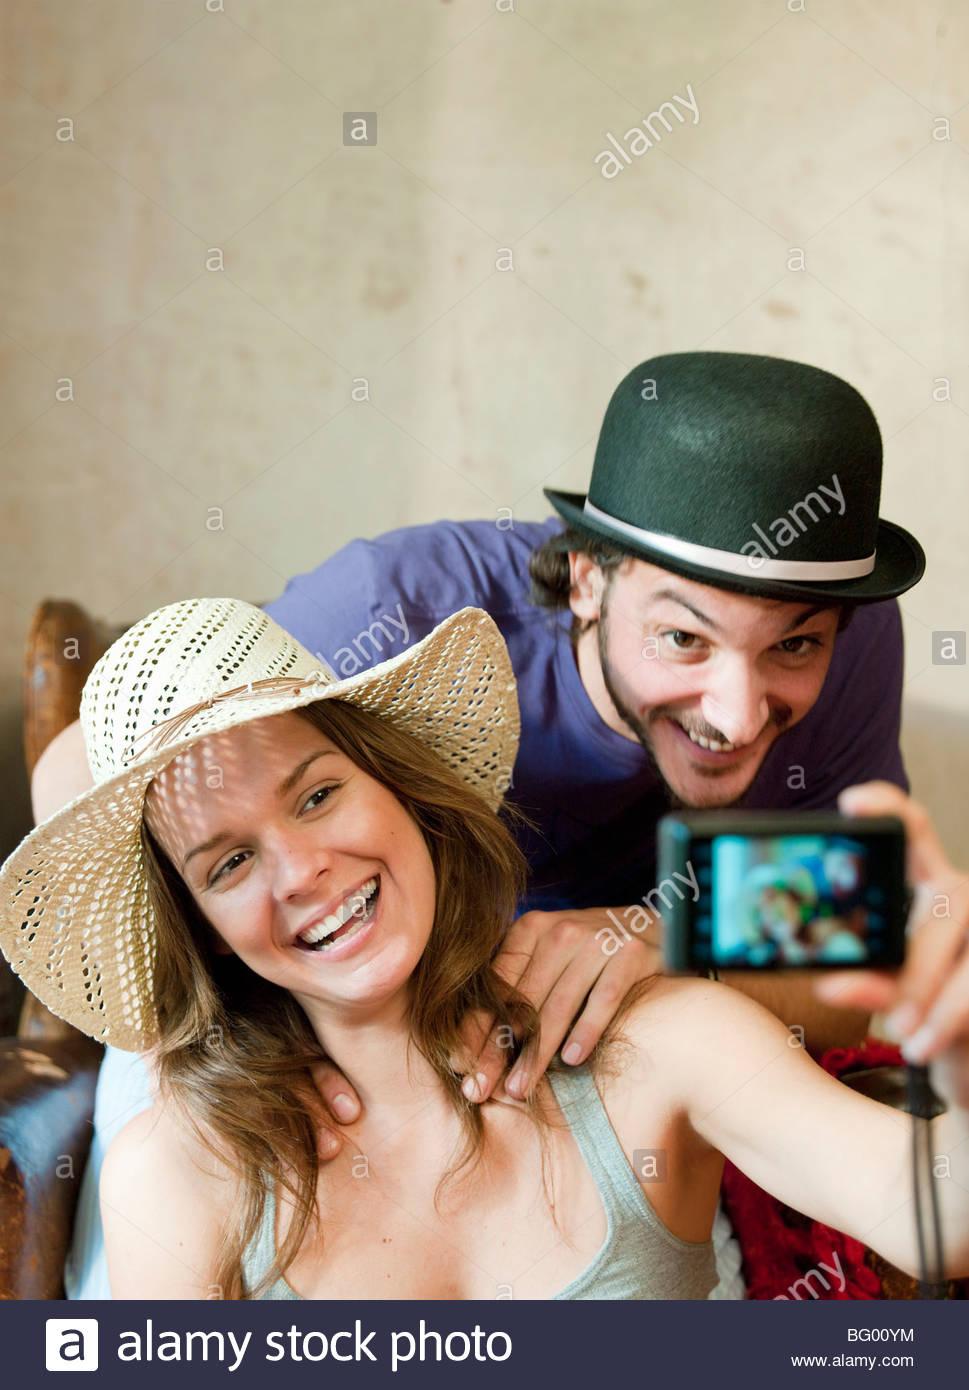 Dans deux chapeaux taking own photograph Photo Stock